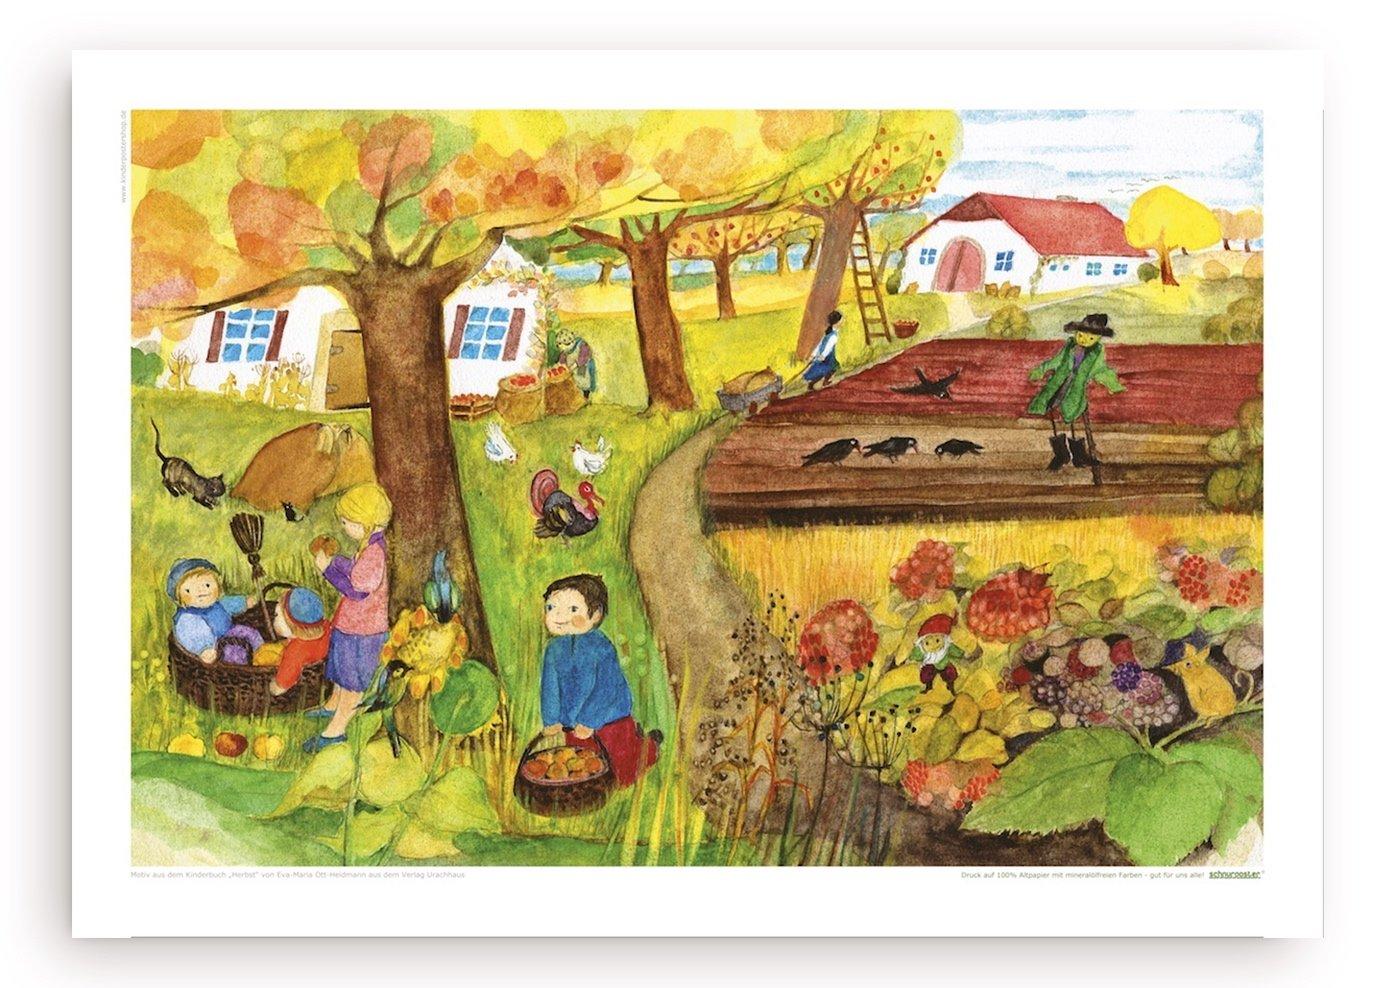 Herbstäpfel - Poster mit Illustration von E.M. Ott-Heidmann vom schnurverlag 403